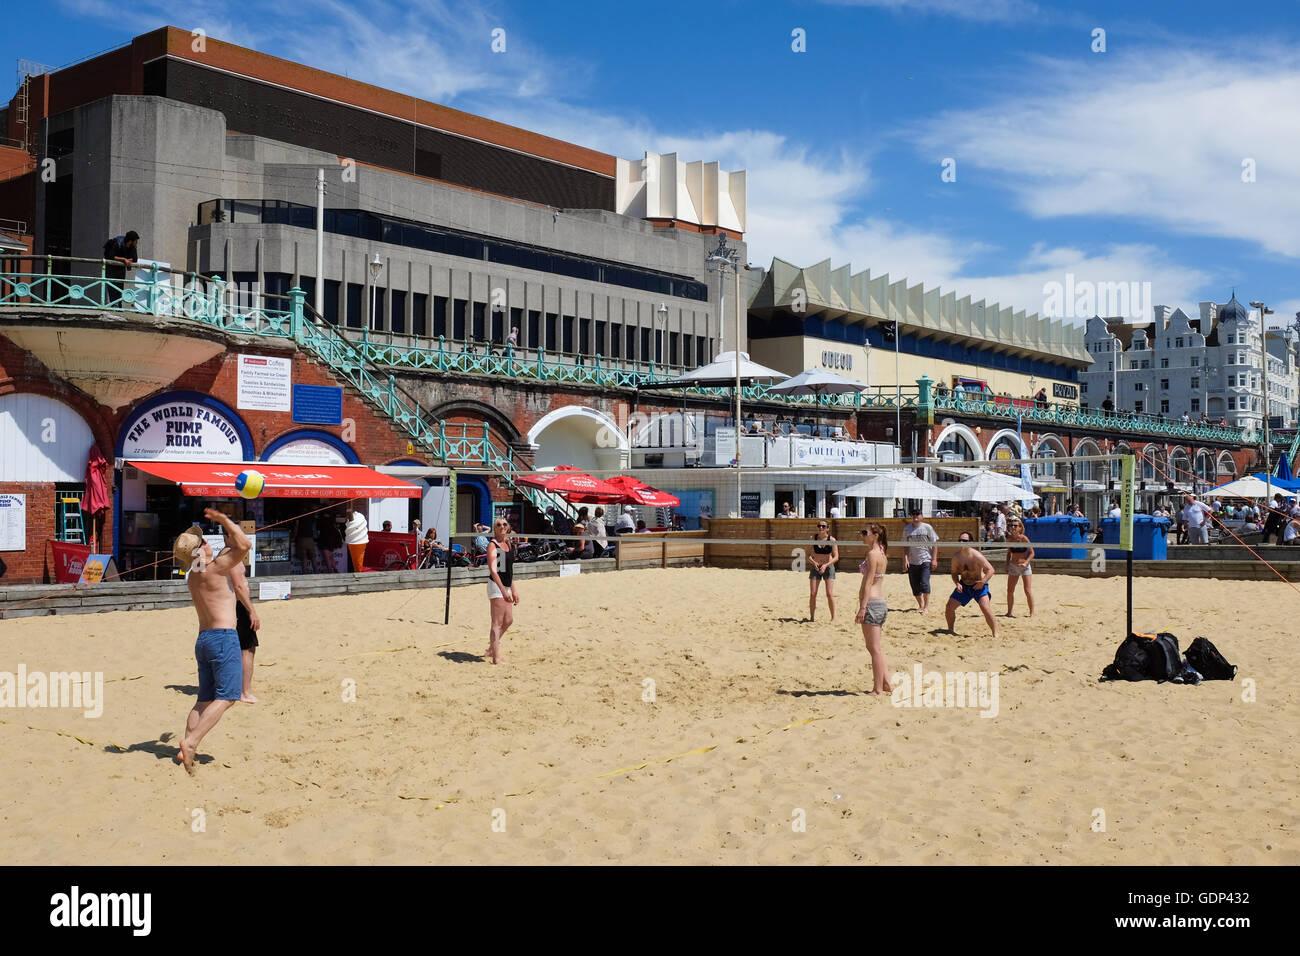 Persone che giocano a pallavolo sulla spiaggia di Brighton, Inghilterra. Immagini Stock